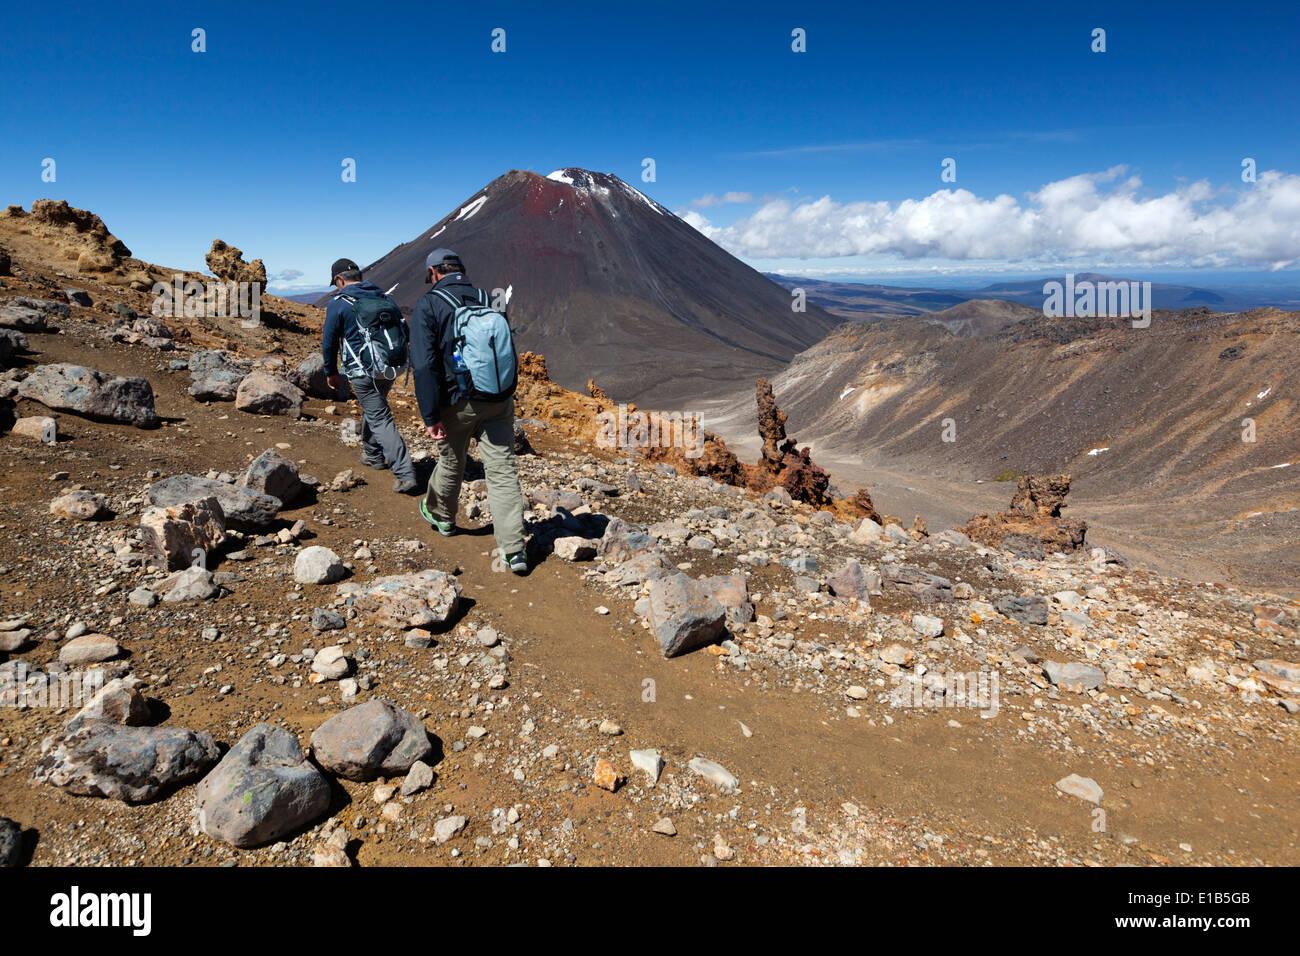 Tongariro Alpine Crossing with Mount Ngauruhoe - Stock Image